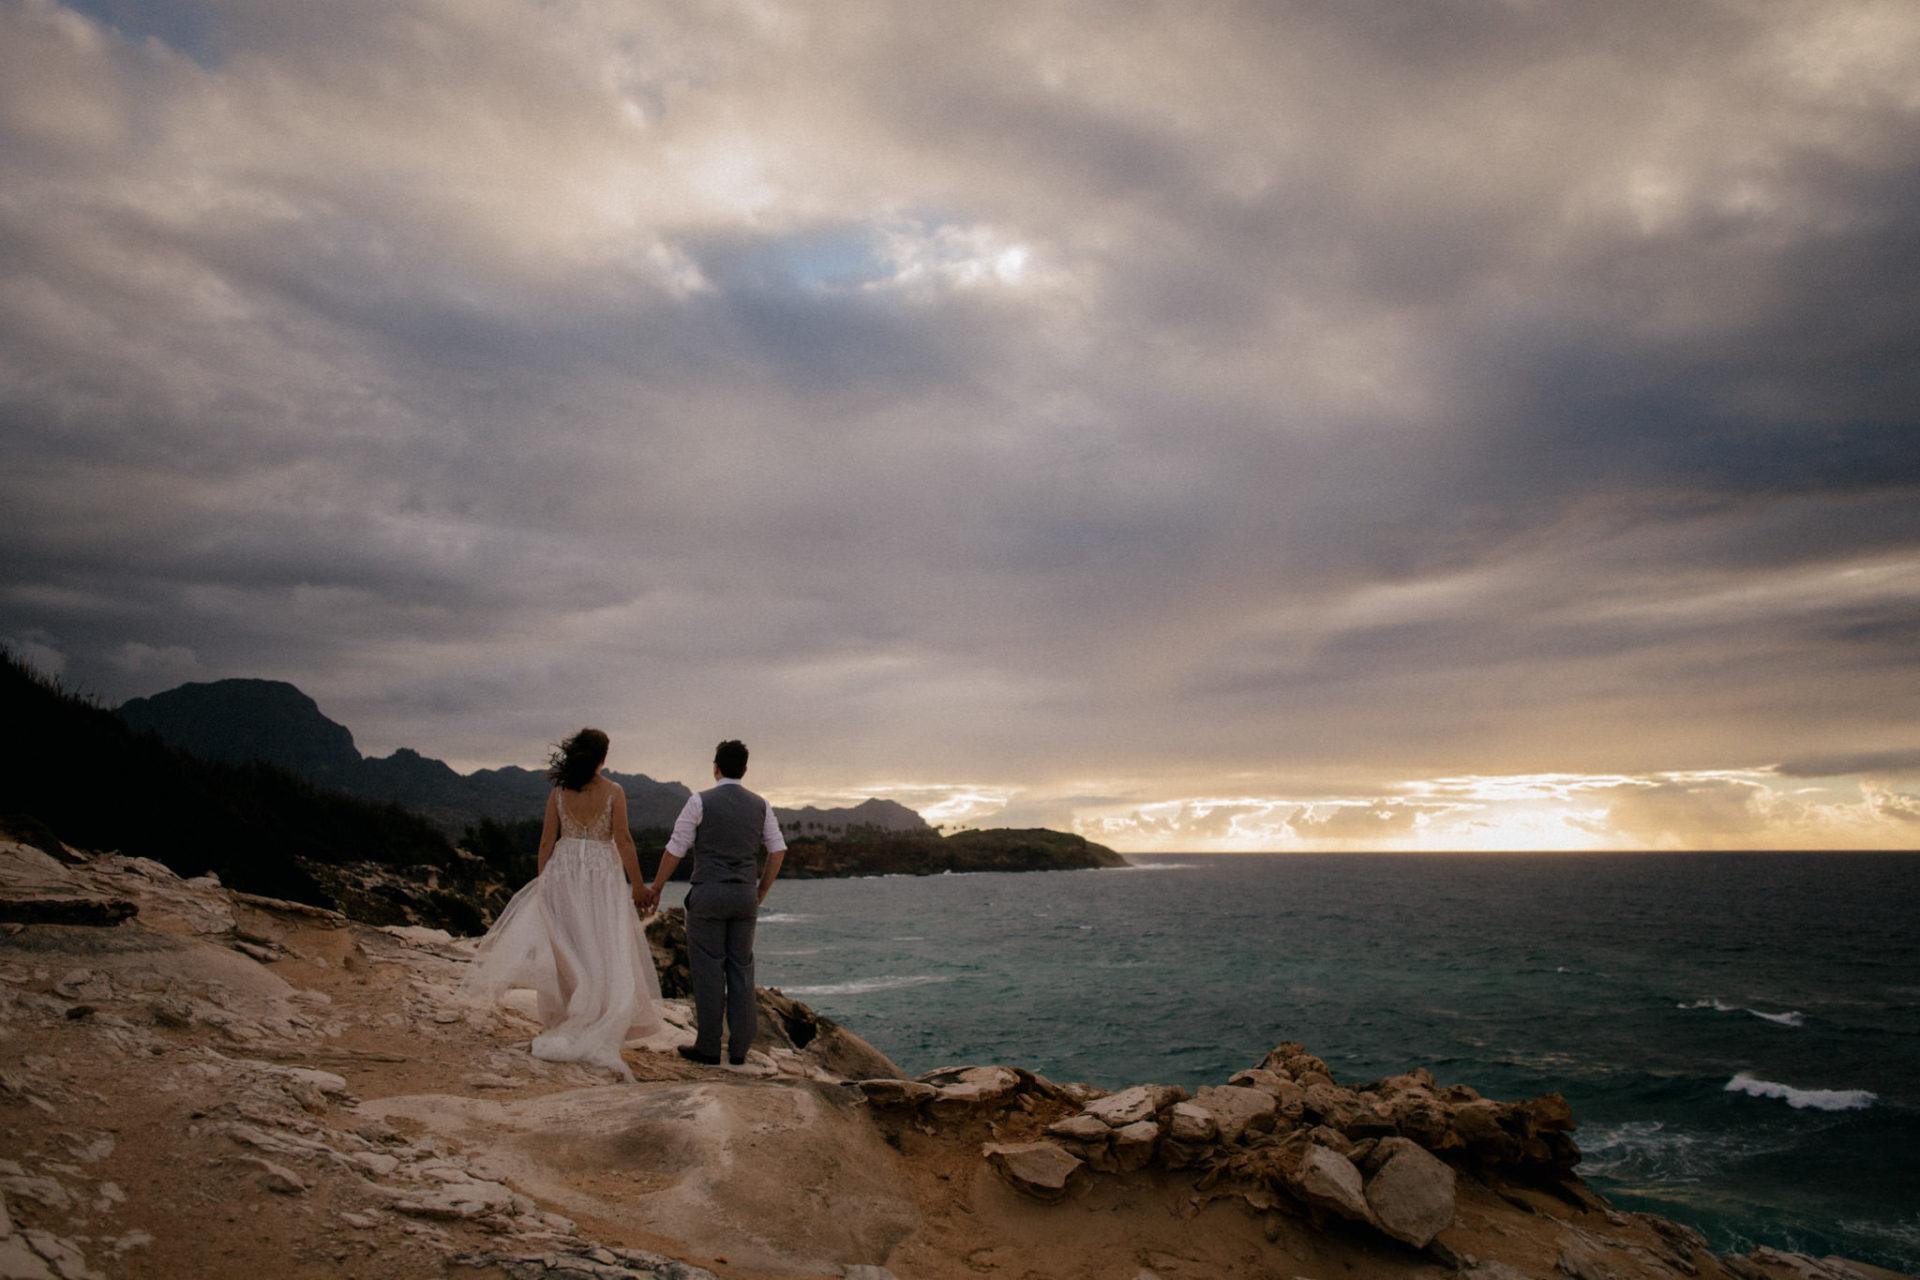 Hawaii Hochzeit-destination wedding kauai-Strandhochzeit-Brautpaar Portraits